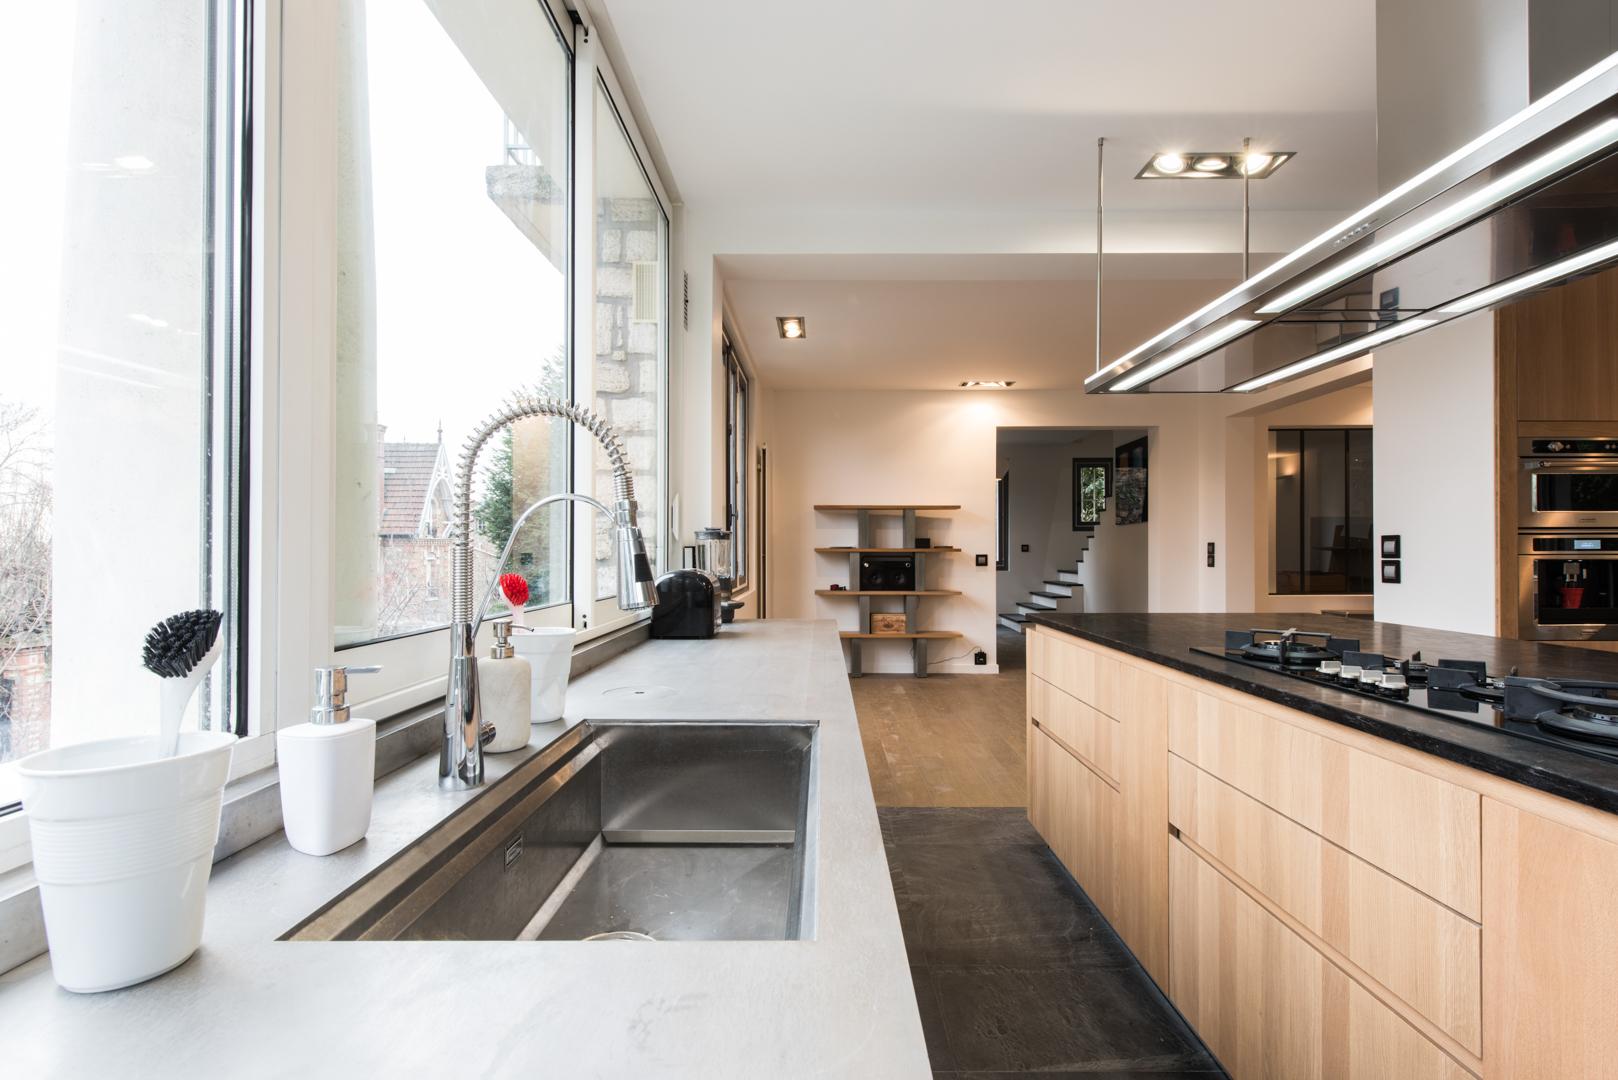 good la cuisine dans le bain with la cuisine dans le bain. Black Bedroom Furniture Sets. Home Design Ideas